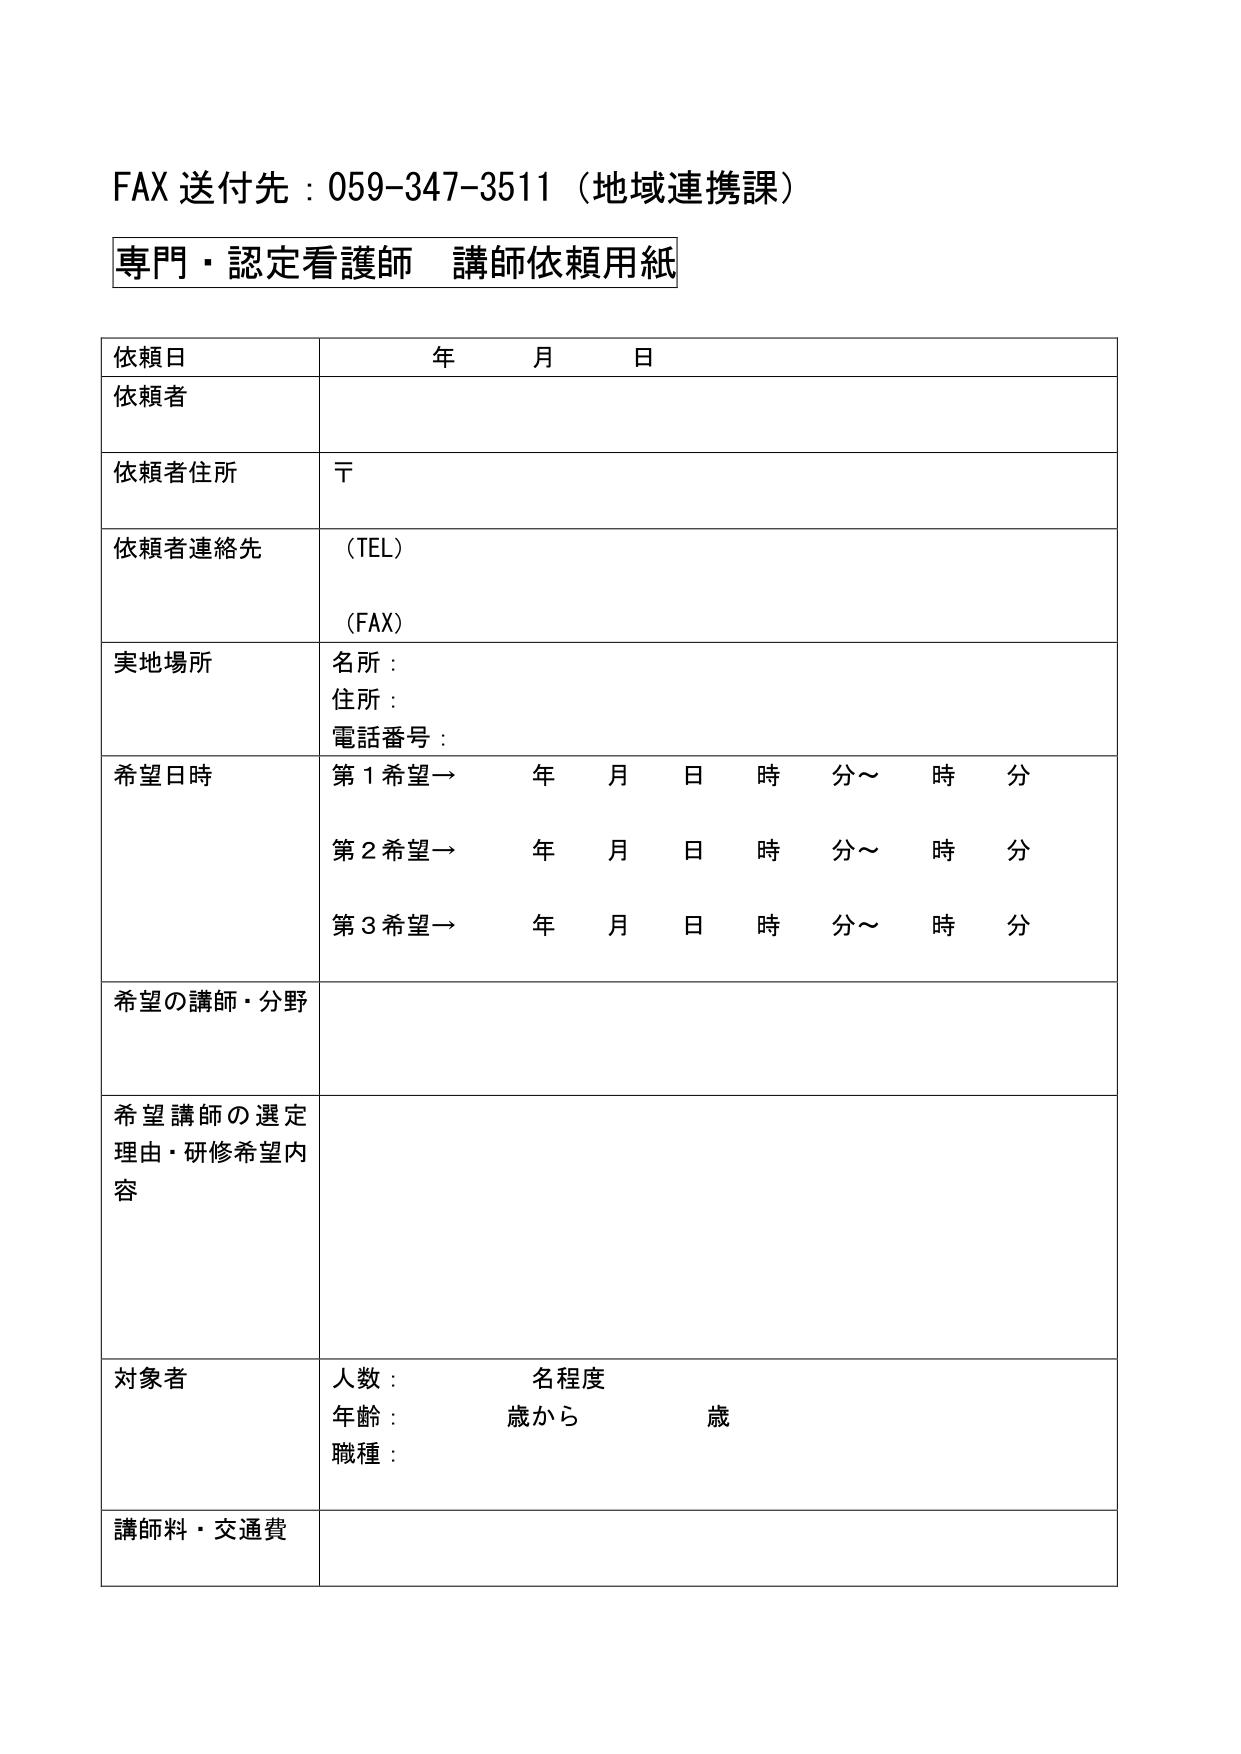 2019.8.1 [木] UP / 2019.8.1 [木] 更新専門・認定看護師出前研修のご案内